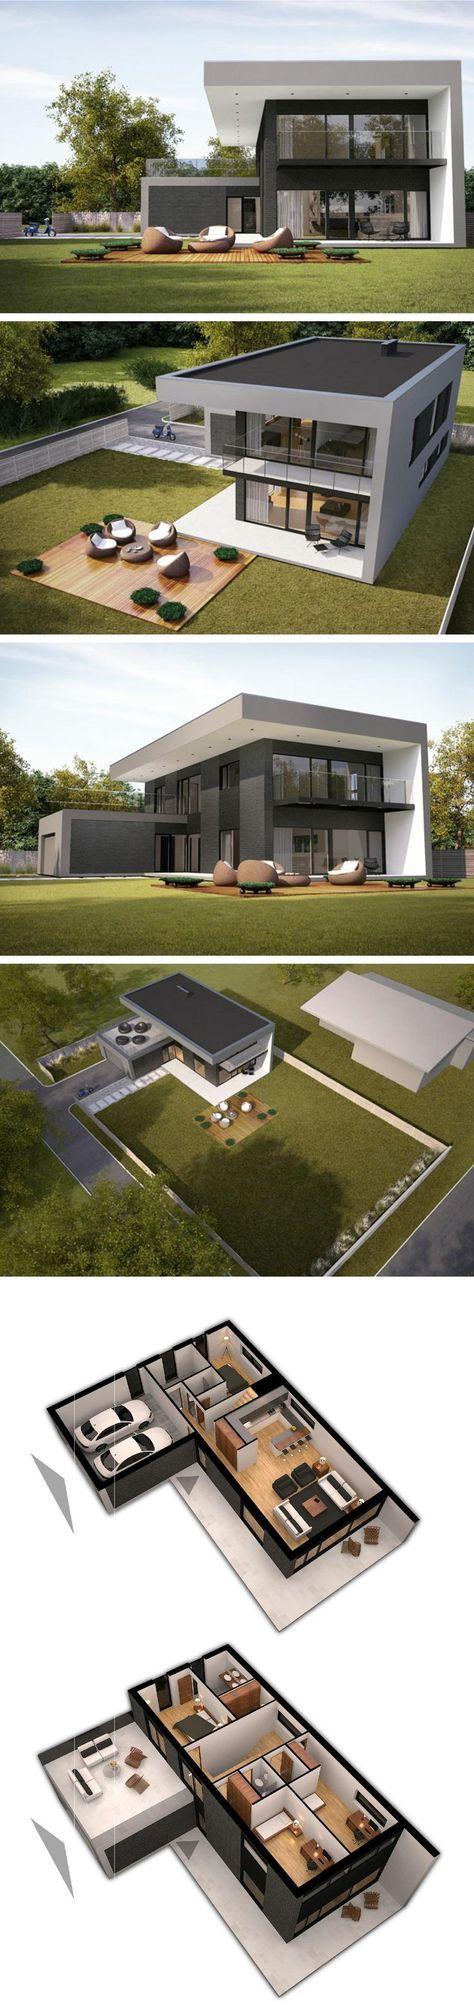 Modern Architecture ~ Floor Plan | Home | Pinterest | Architektur ...